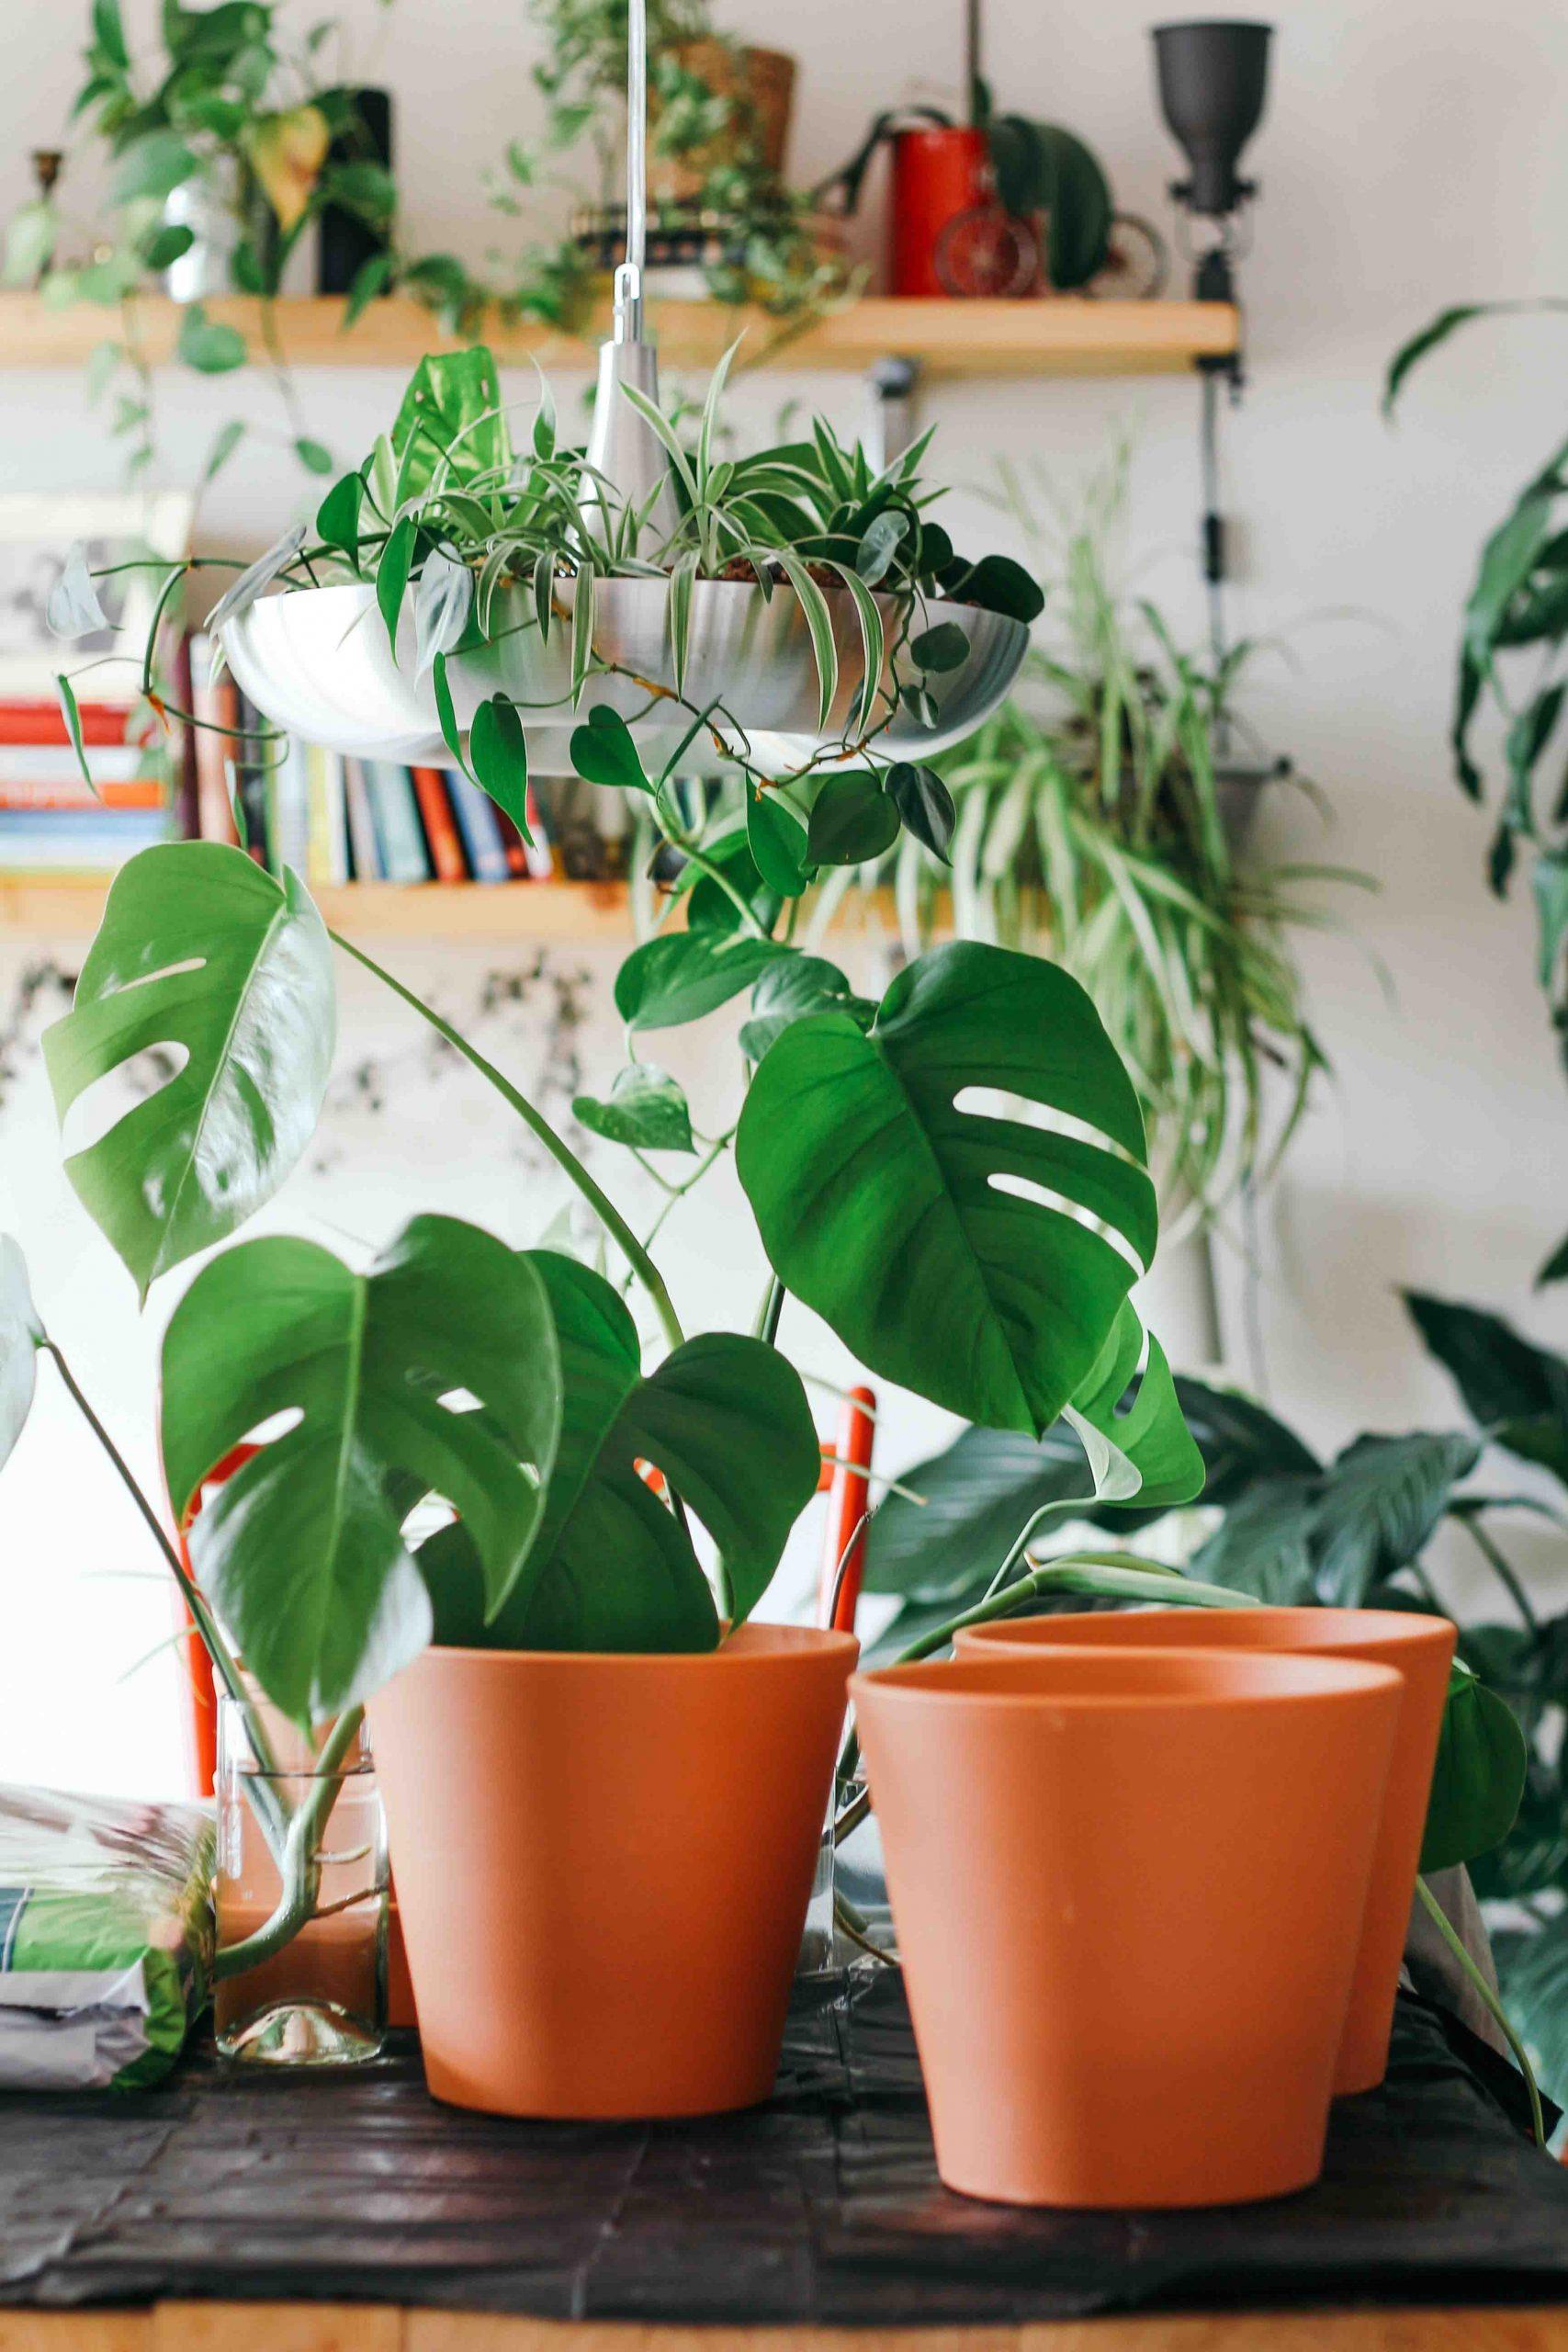 cách chọn chậu trồng cây trong nhà